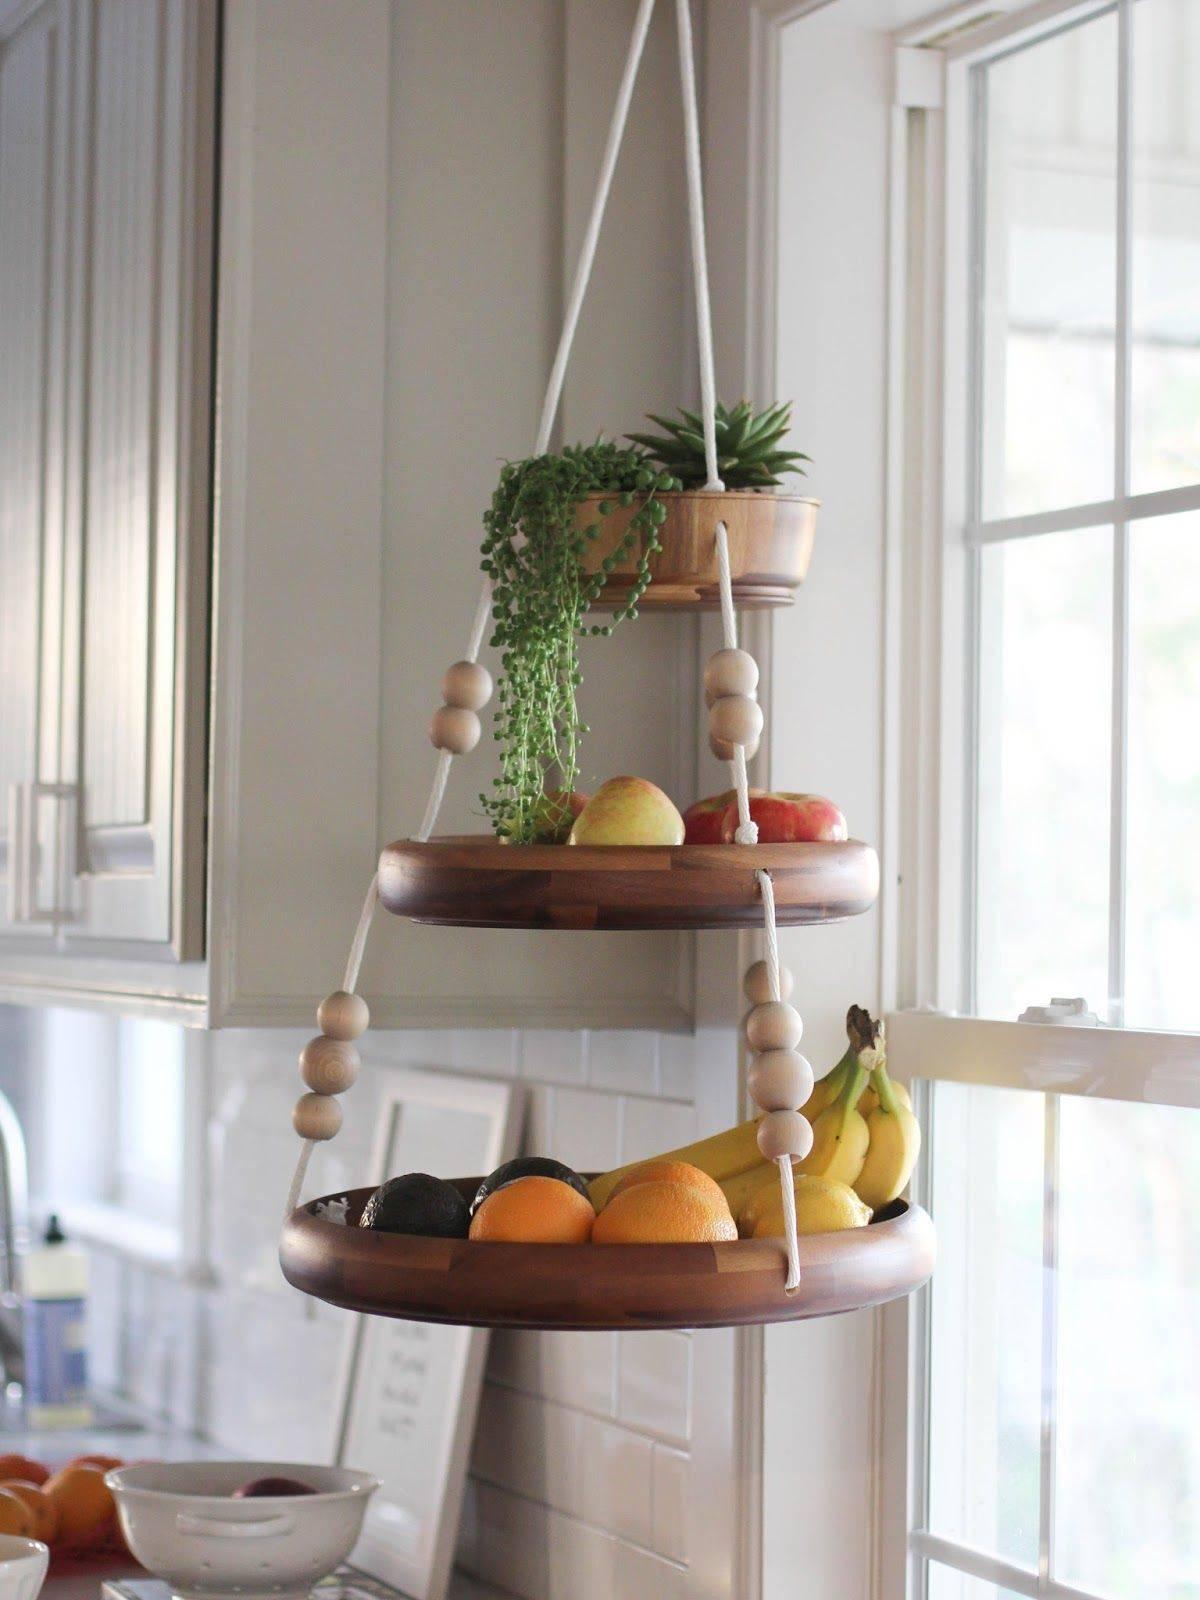 Hanging-Fruit-Basket-82299